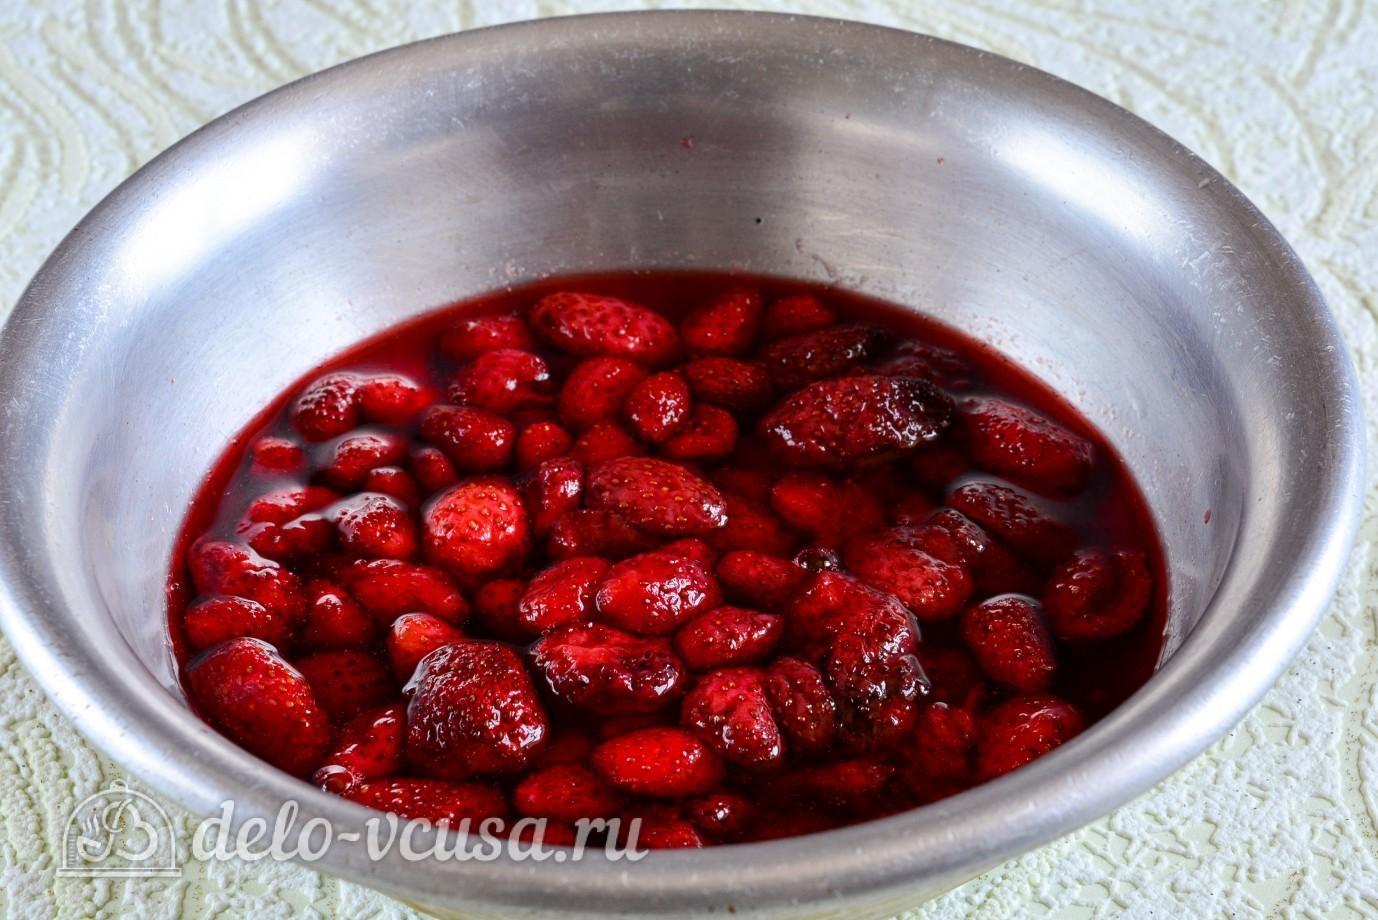 Варенье из клубники с целыми ягодами густое рецепт пошагово